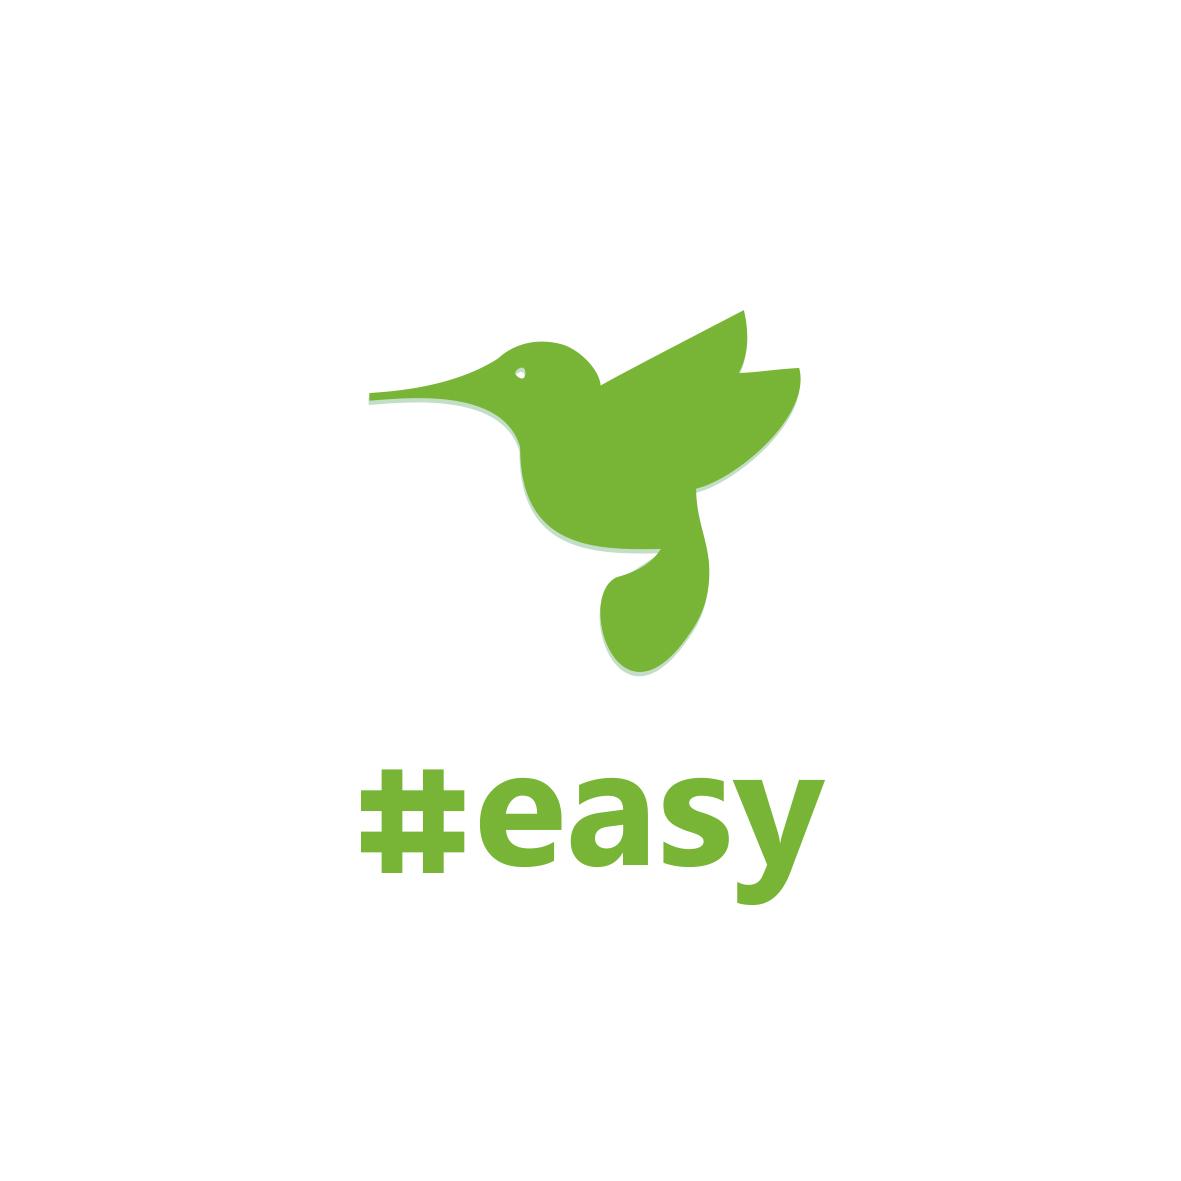 Разработка логотипа в виде хэштега #easy с зеленой колибри  фото f_1715d4e01f4b6d4f.jpg